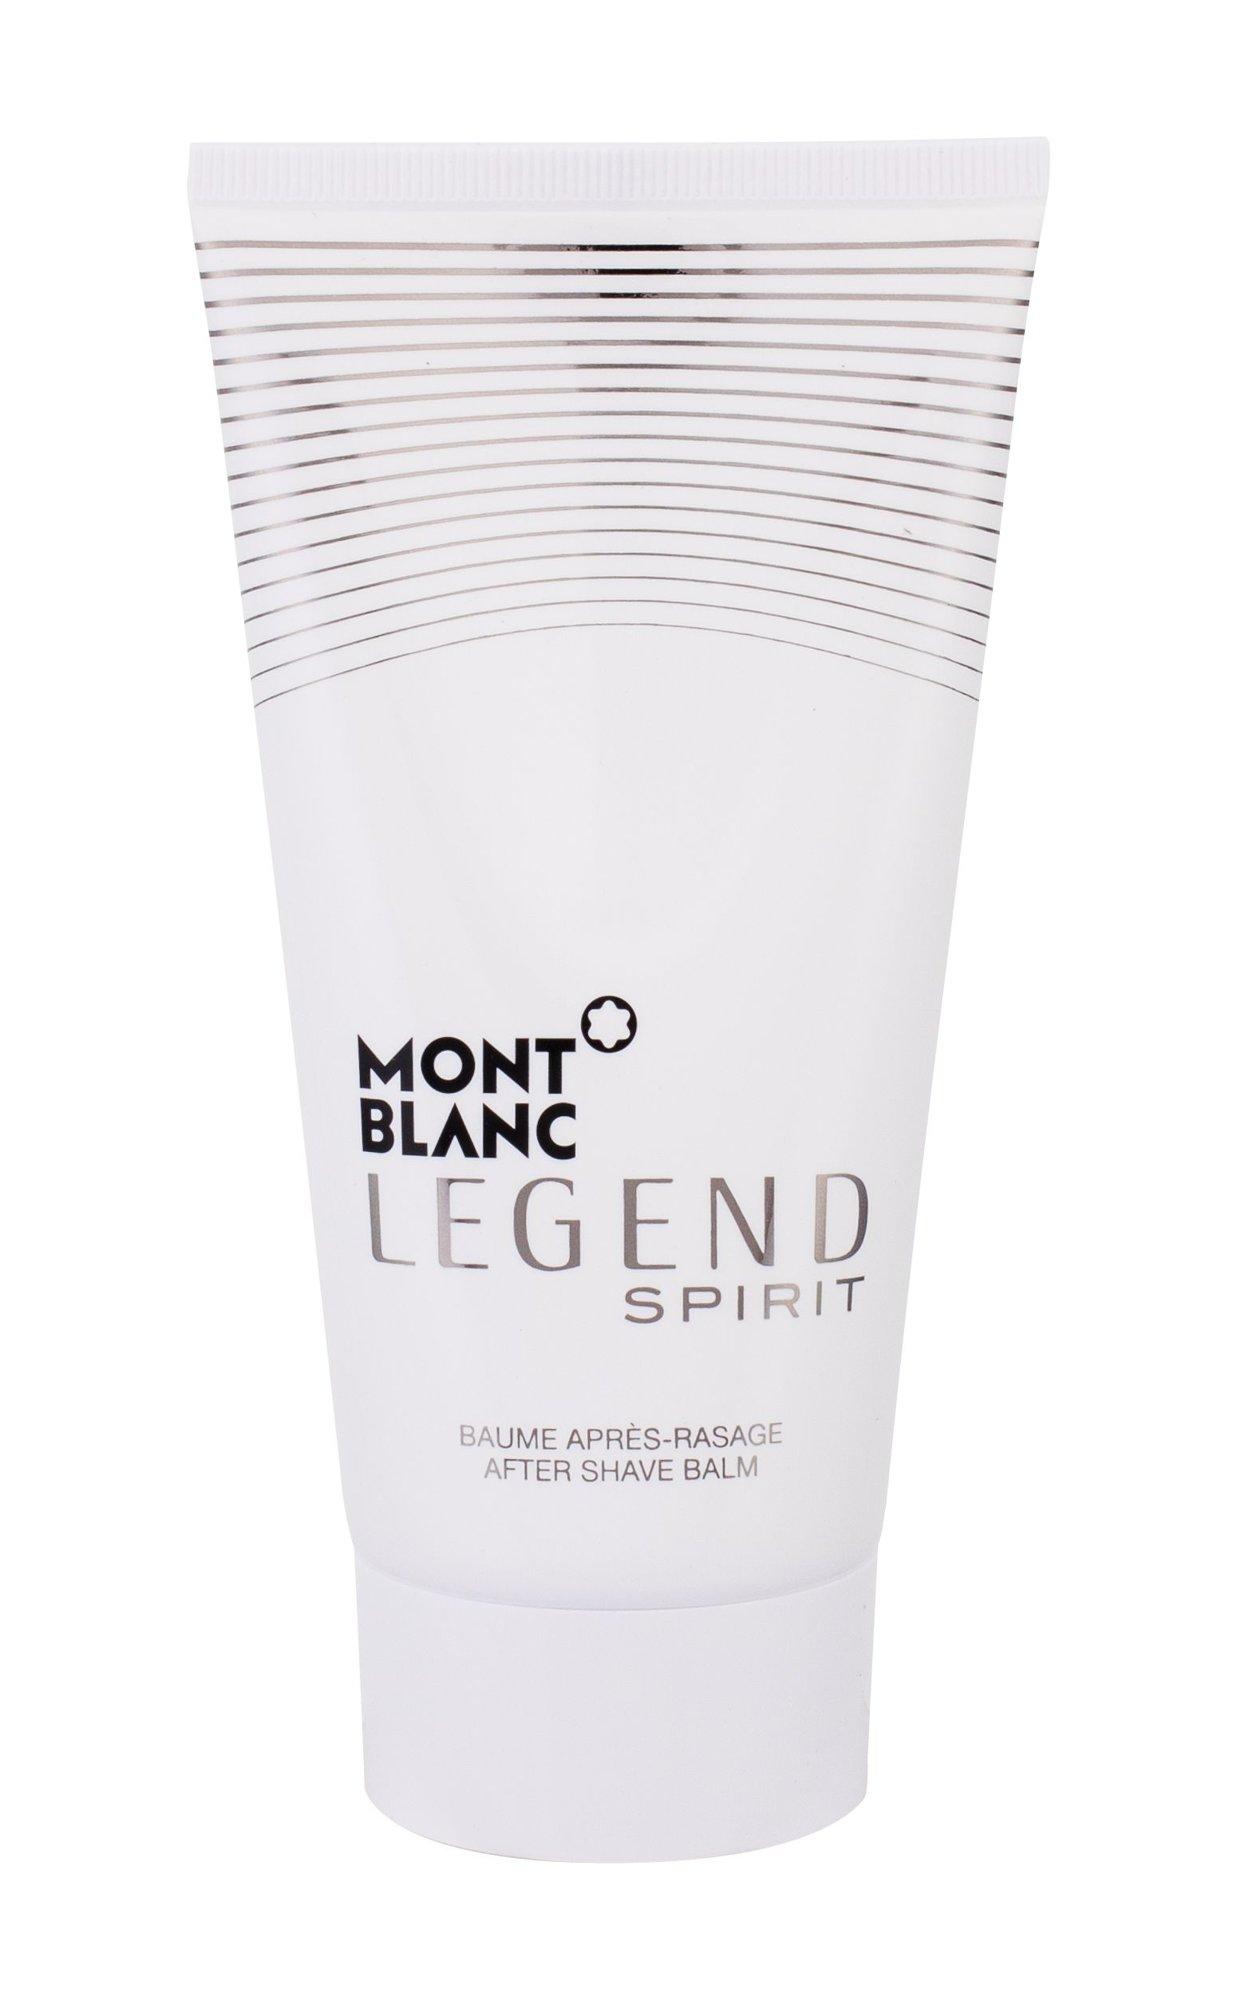 Montblanc Legend Spirit After shave balm 150ml